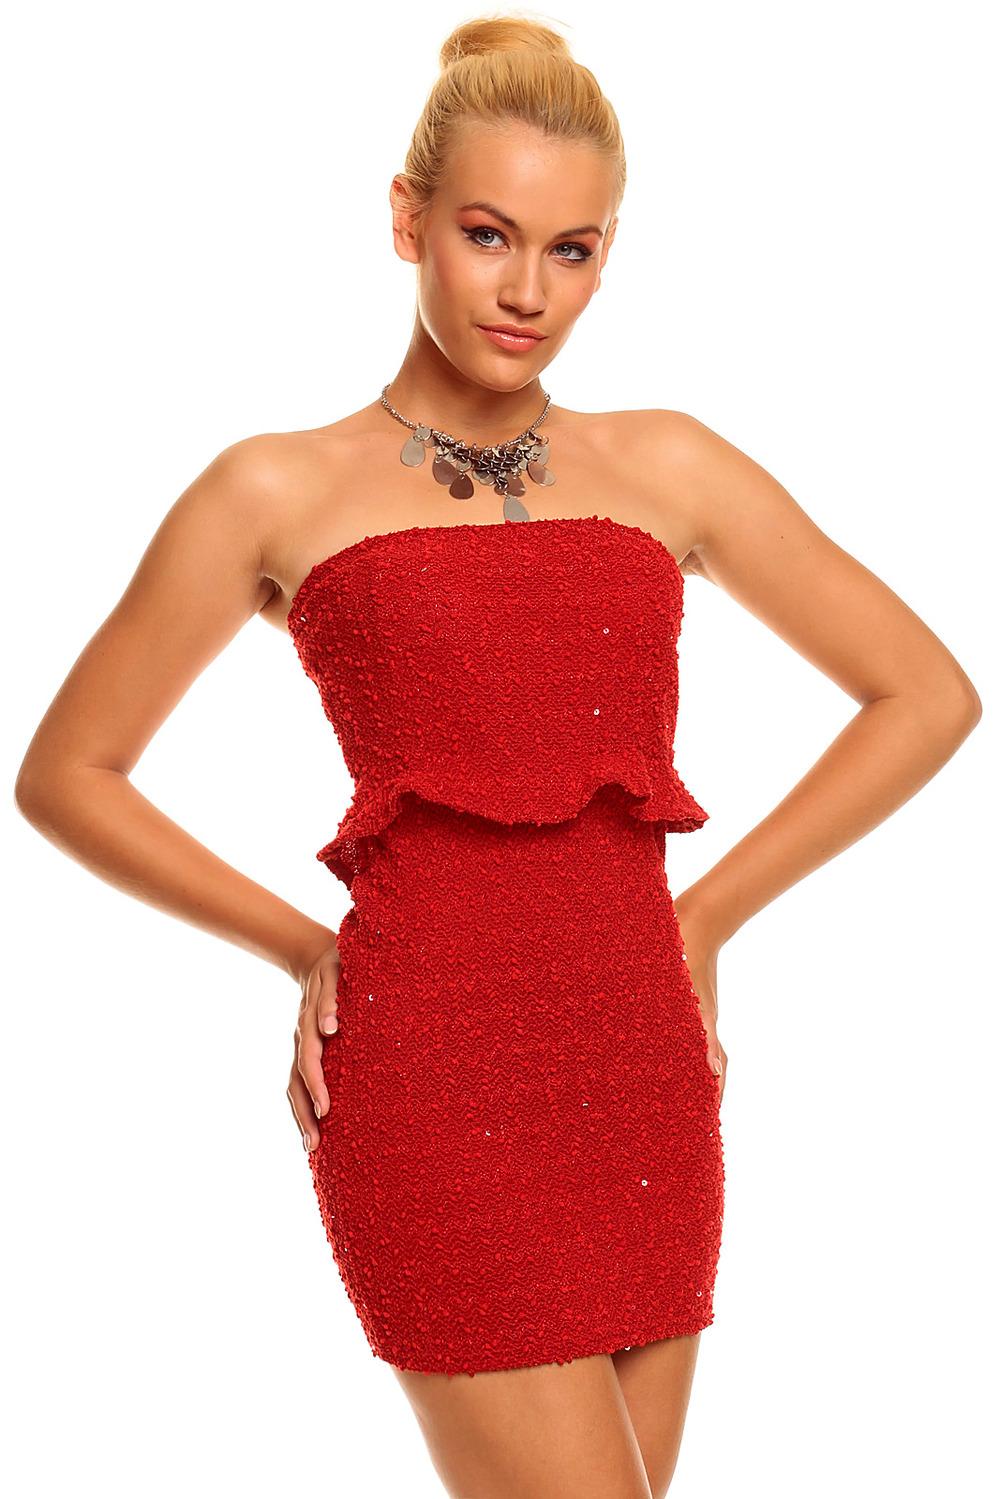 red mini dress dressed up girl. Black Bedroom Furniture Sets. Home Design Ideas